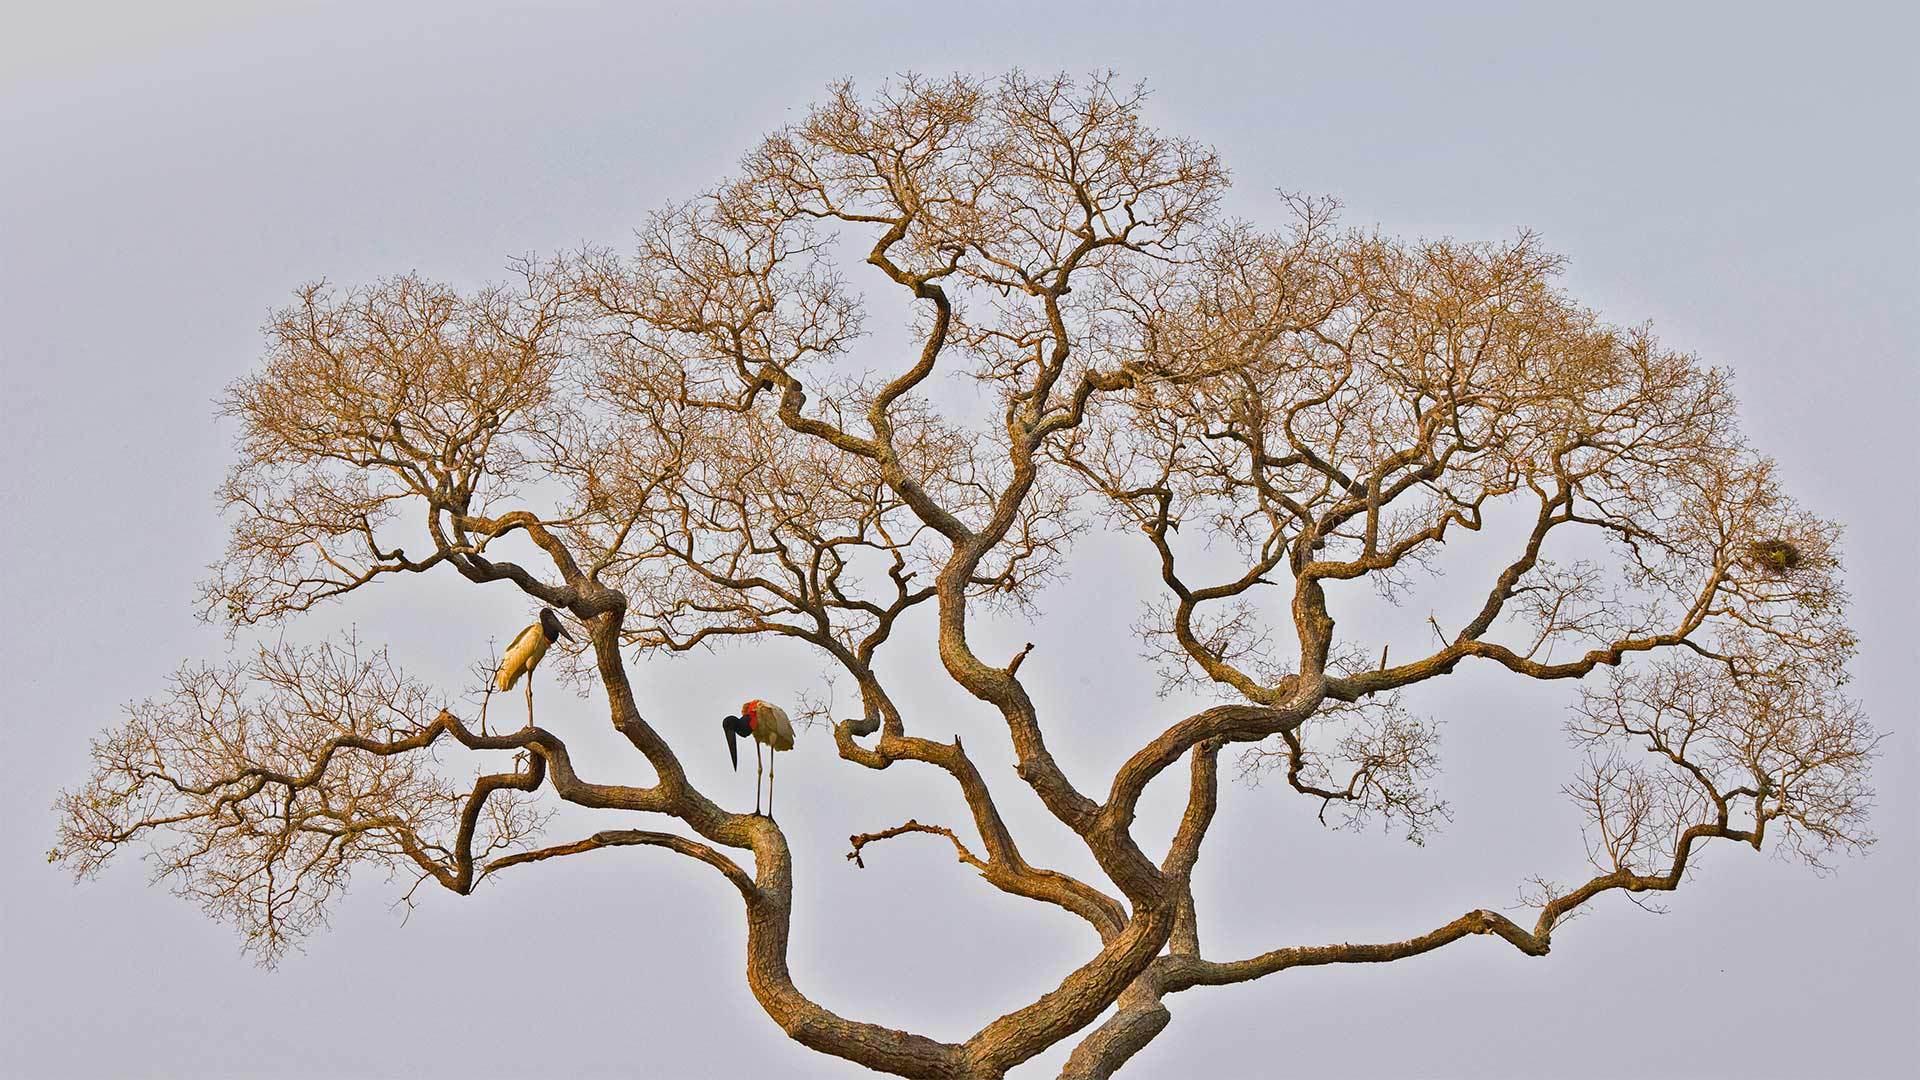 潘塔纳尔湿地中的裸颈鹳裸颈鹳